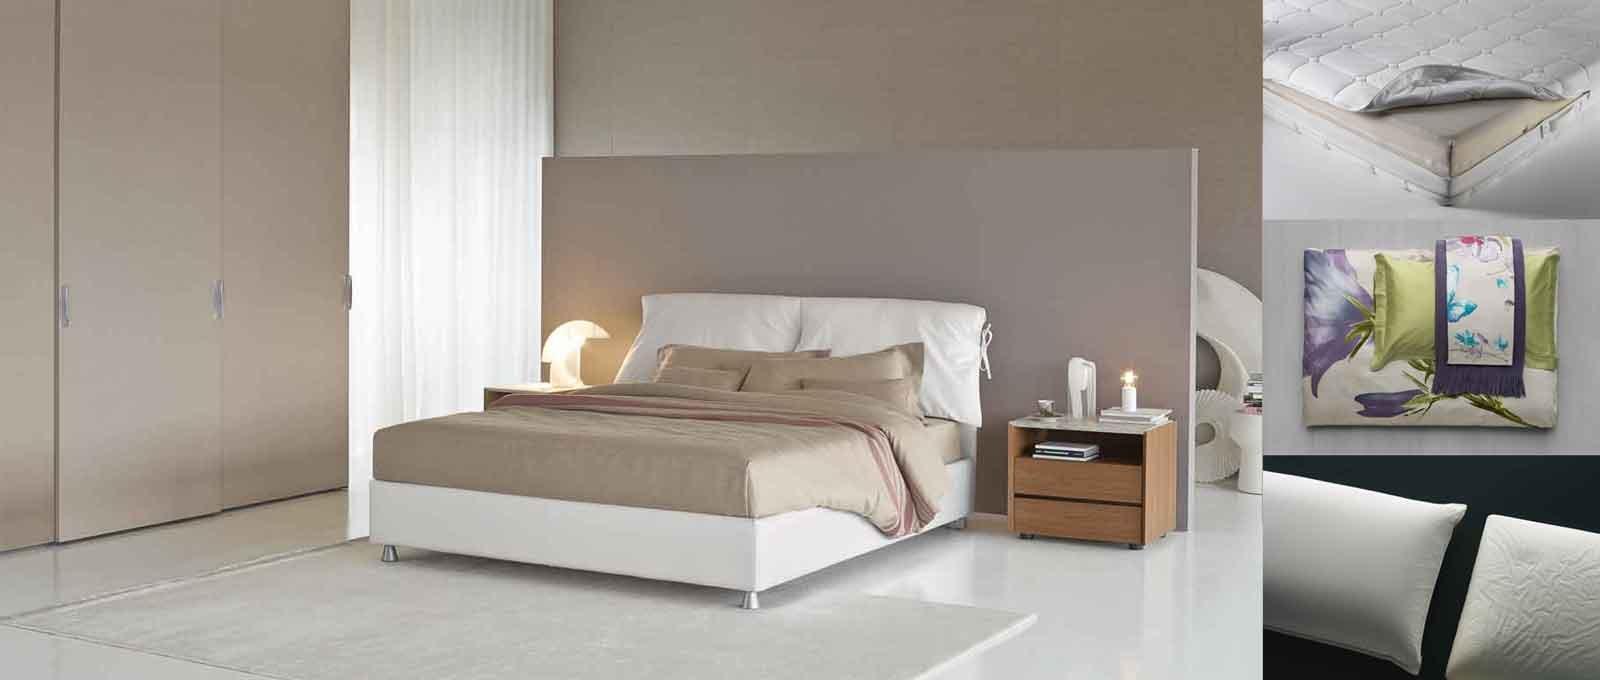 Dormire bene letto materasso e biancheria cose di casa for Letto con testata reclinabile